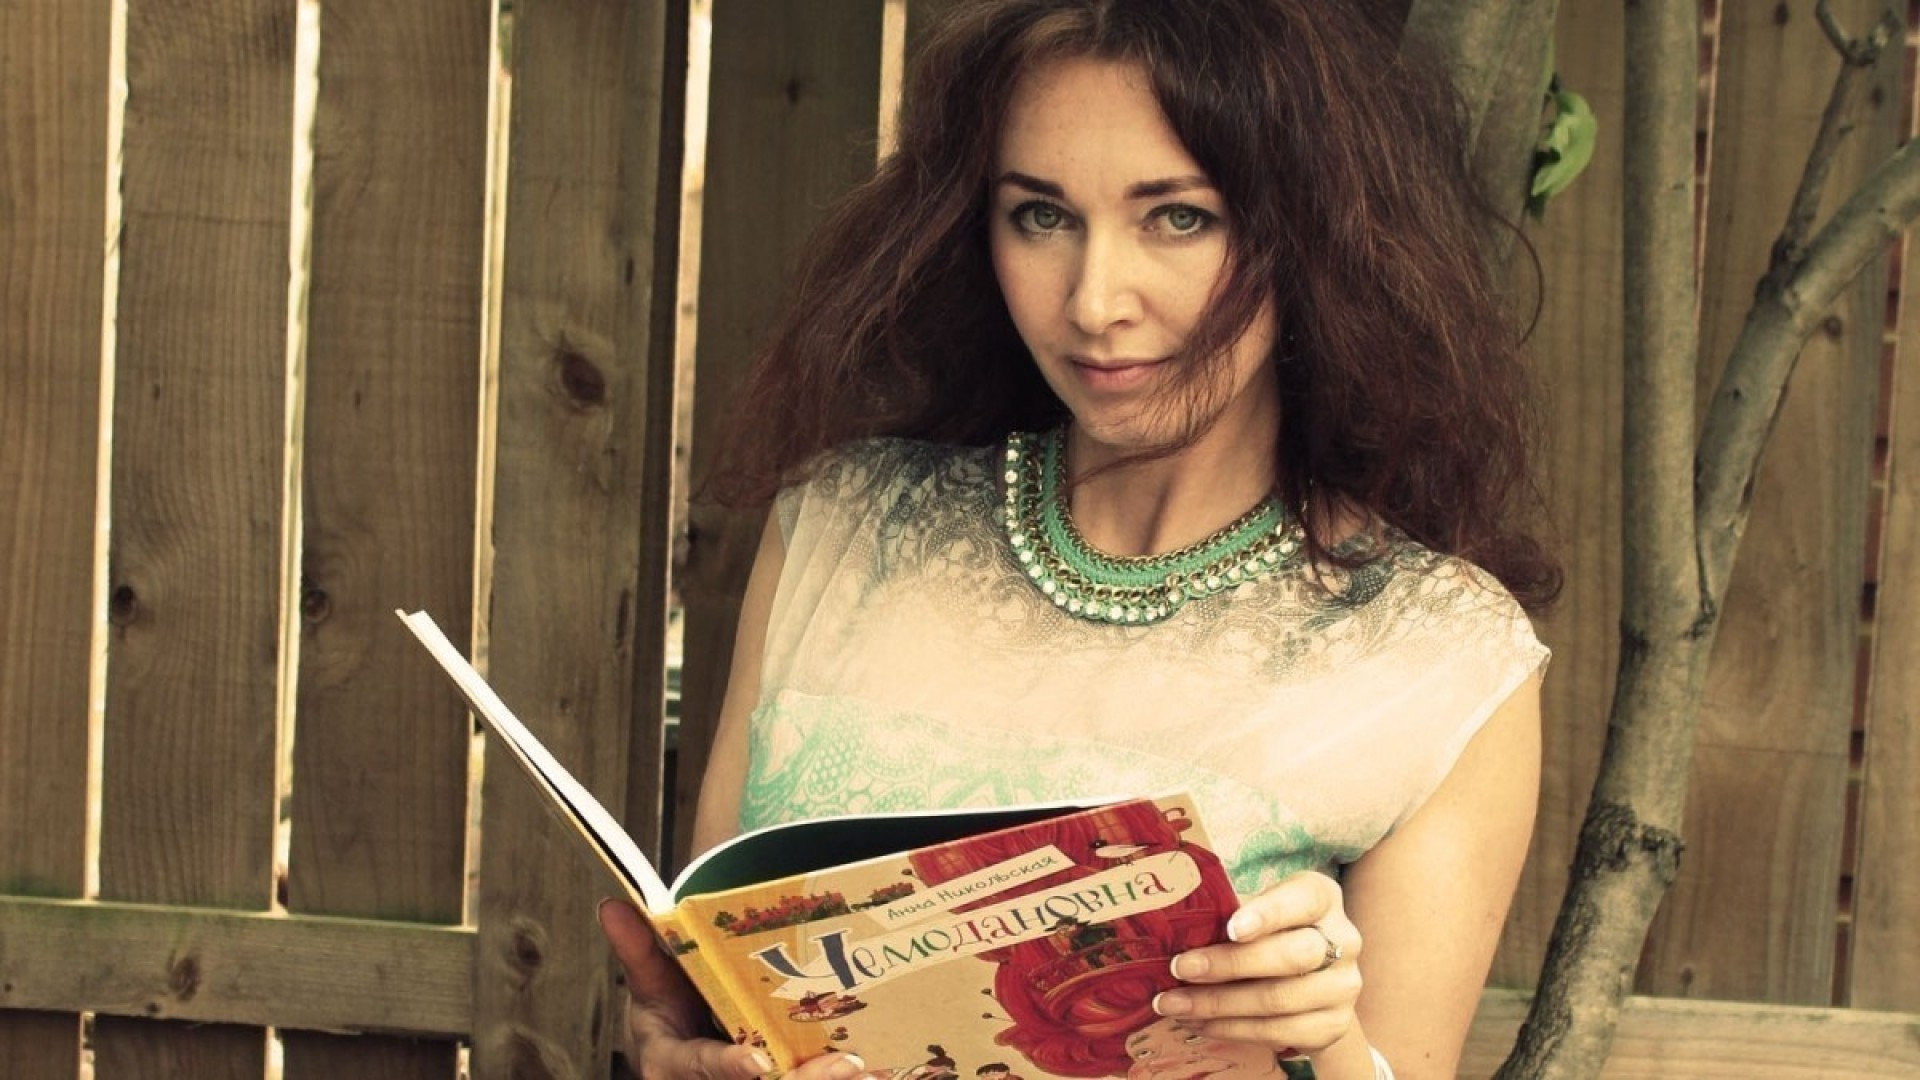 Писатель Анна Никольская: «Я стала безусловно счастливым человеком»